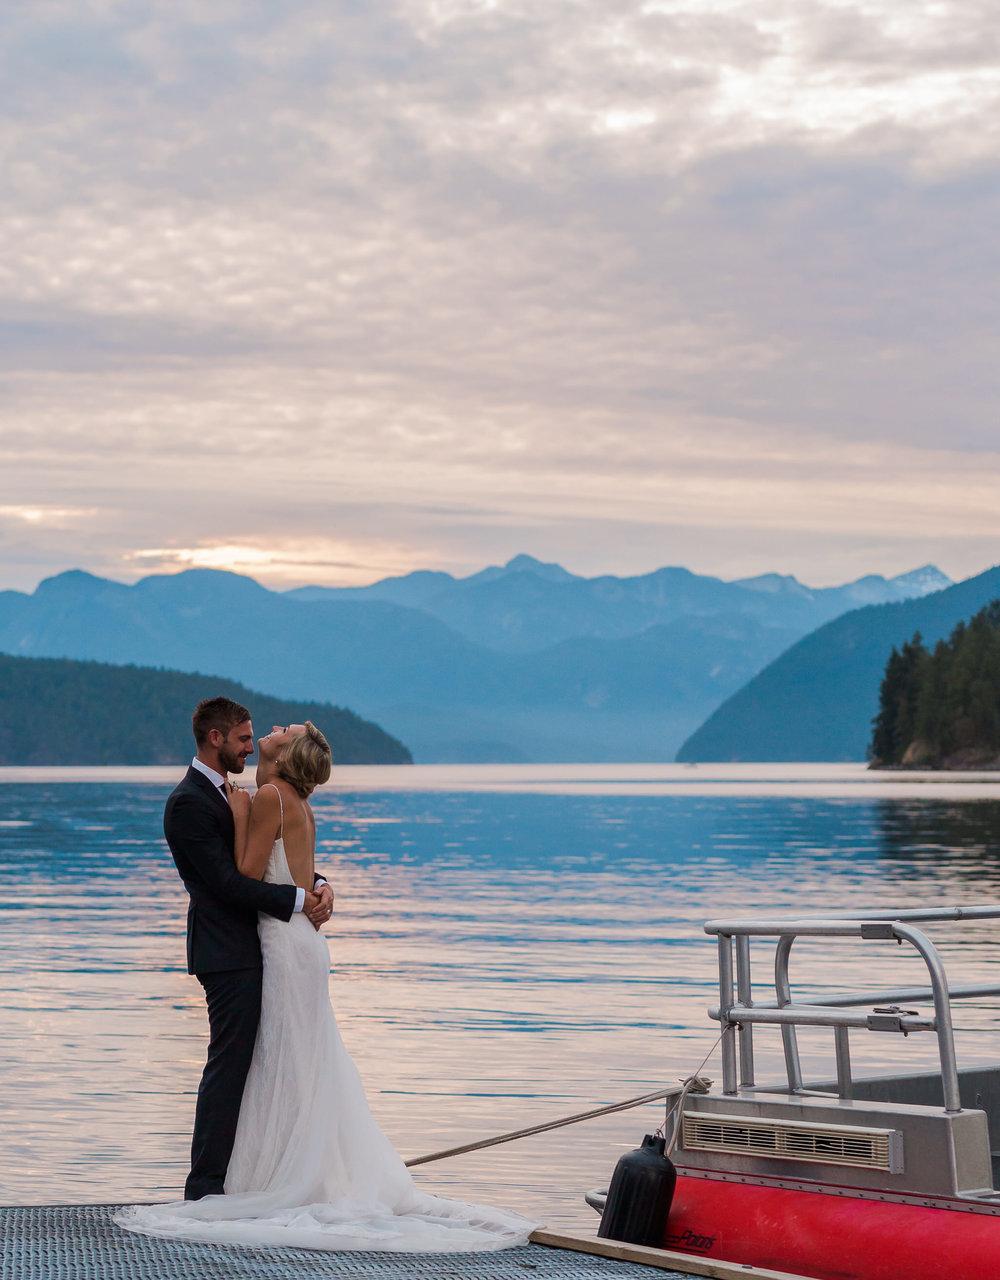 West Coast Wilderness Lodge Wedding - Jennife Picard Photography - Sunshine Coast Wedding Photographer - Vancouver Wedding Photographer - IMG_6463.jpg